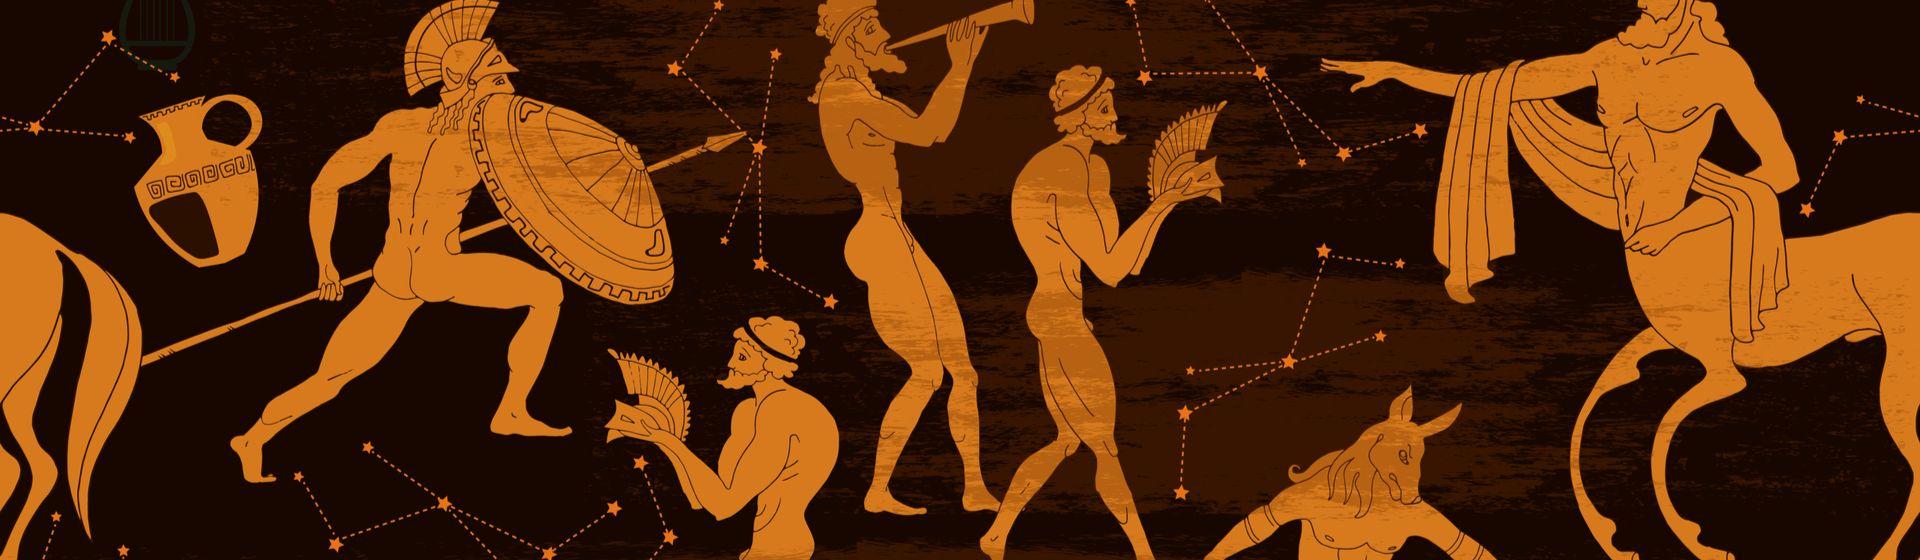 Livros sobre Mitologia Grega: 7 títulos para quem gosta do assunto